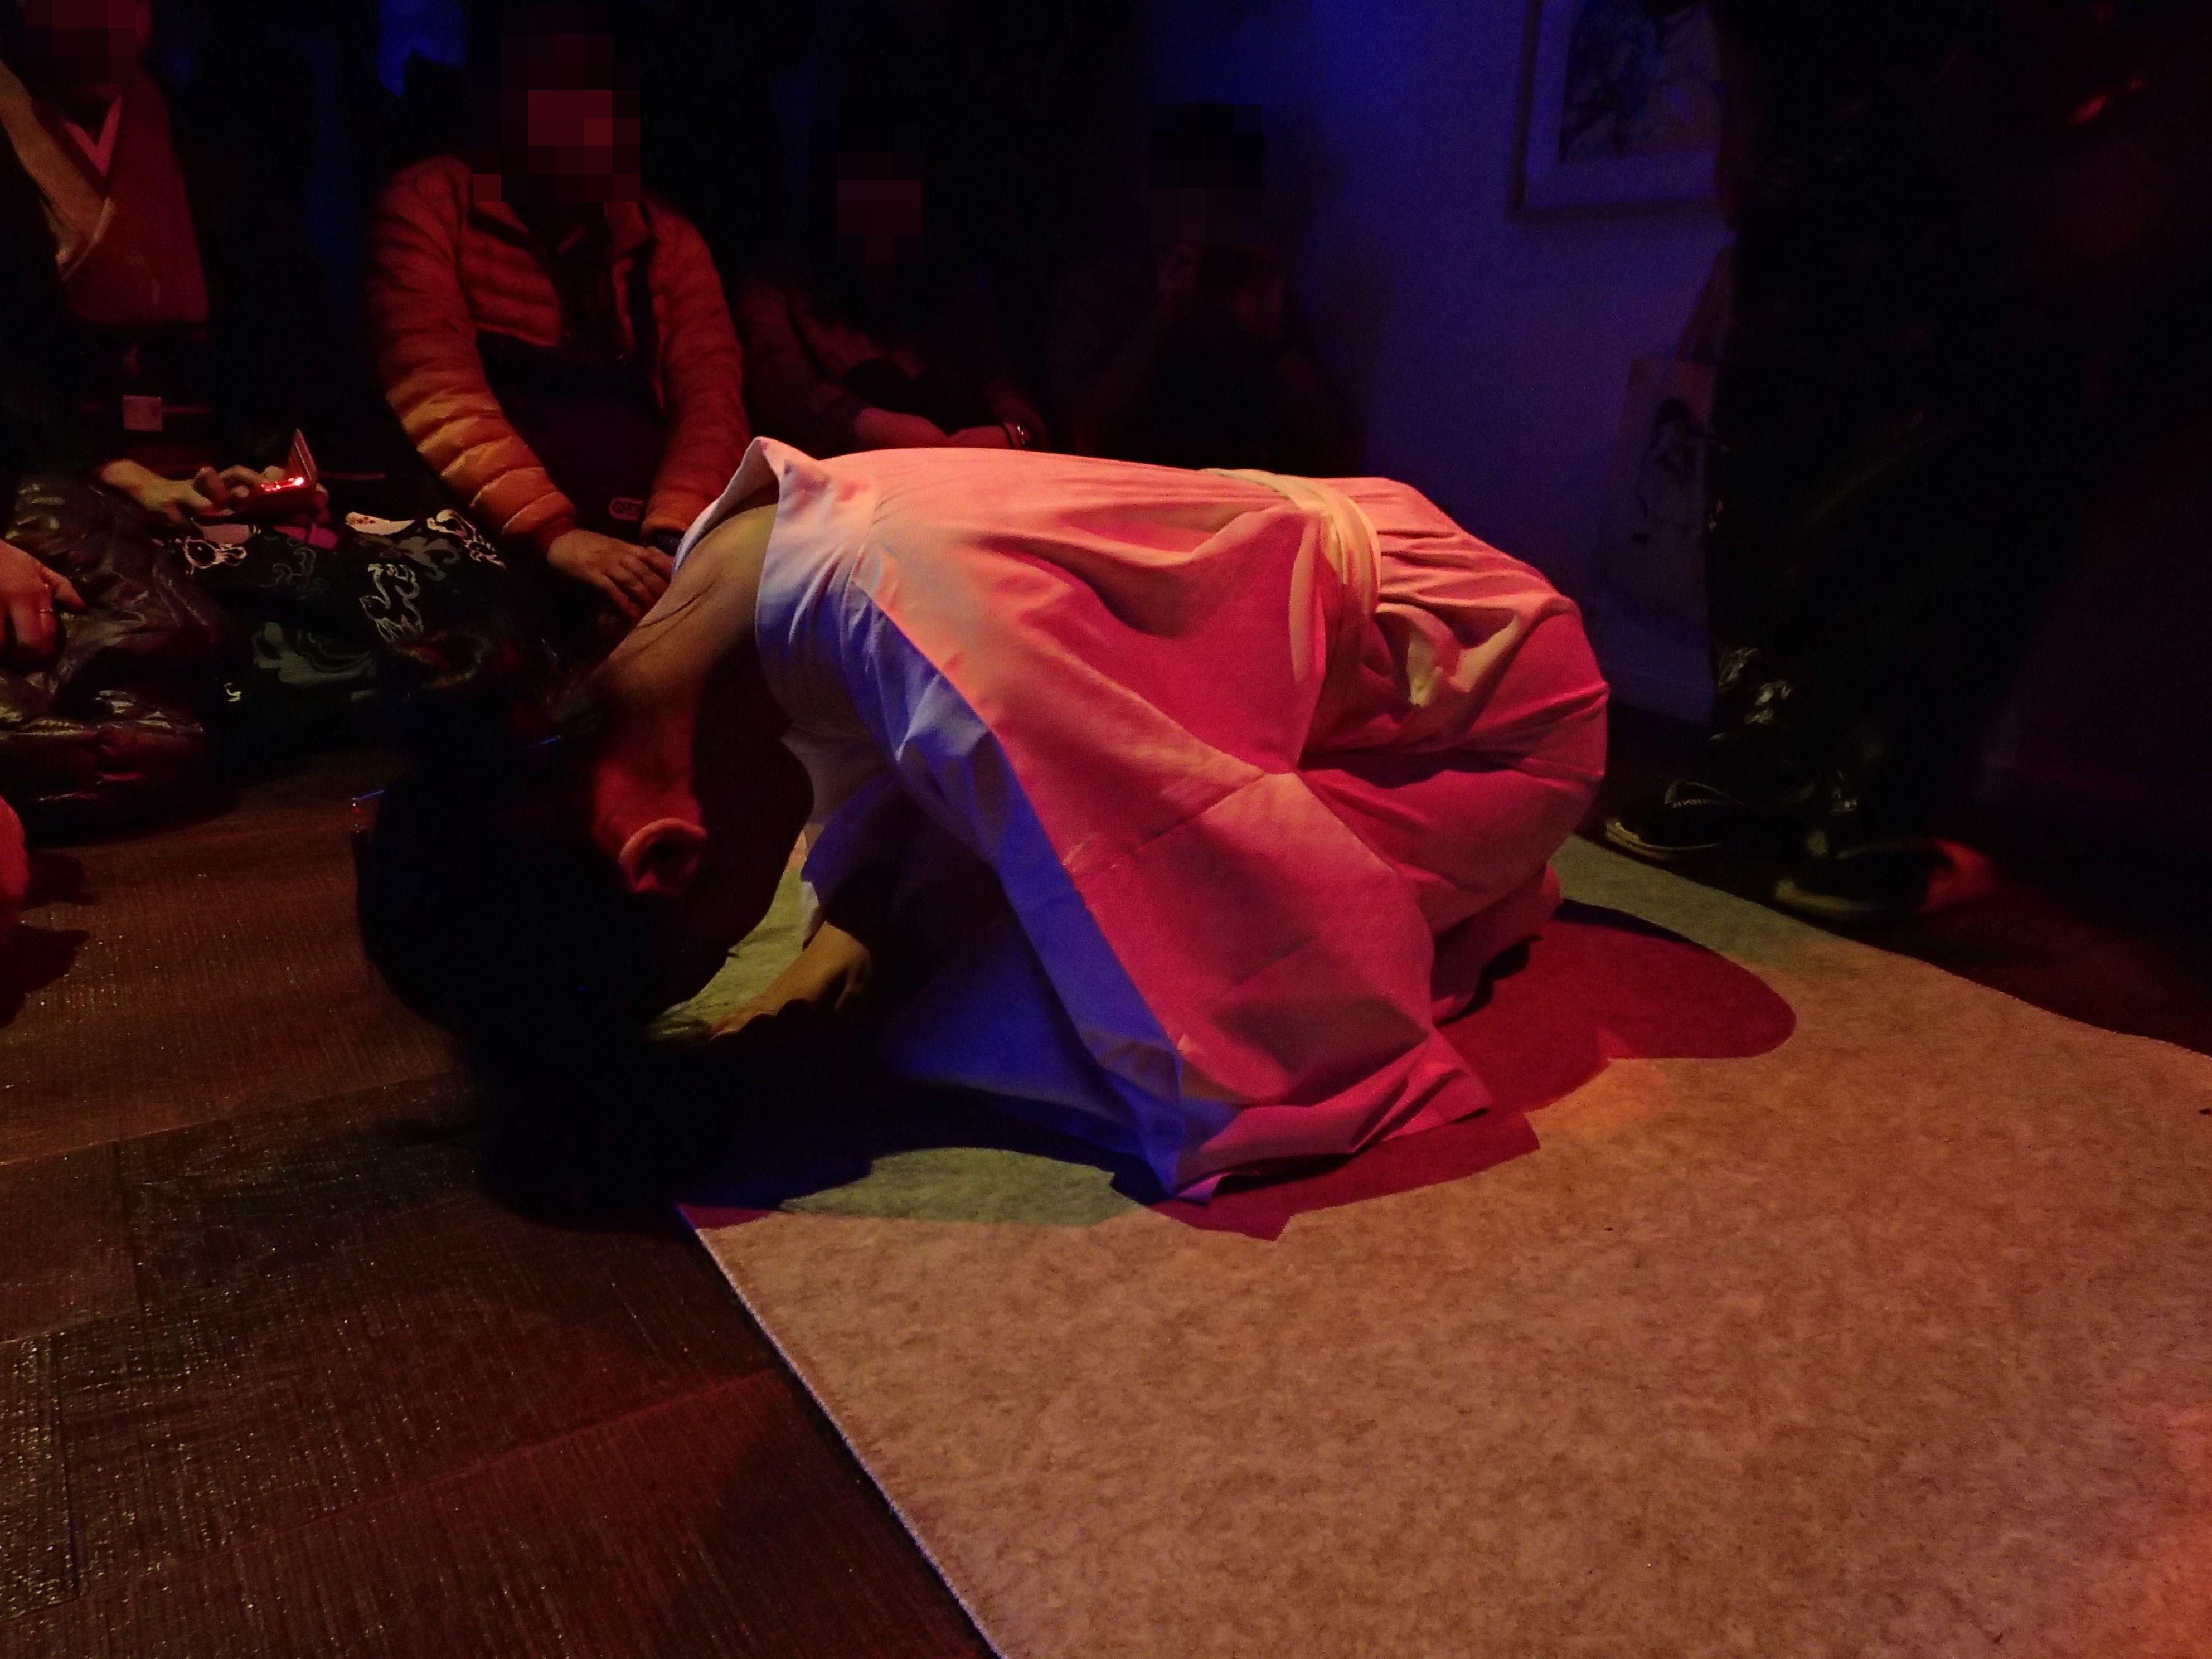 行列のできる緊縛師「エロ王子」氏による緊縛ショー~『背徳』22人展~それぞれの視点で表現する背徳の世界を、あなたに~@ギャラリー新宿座